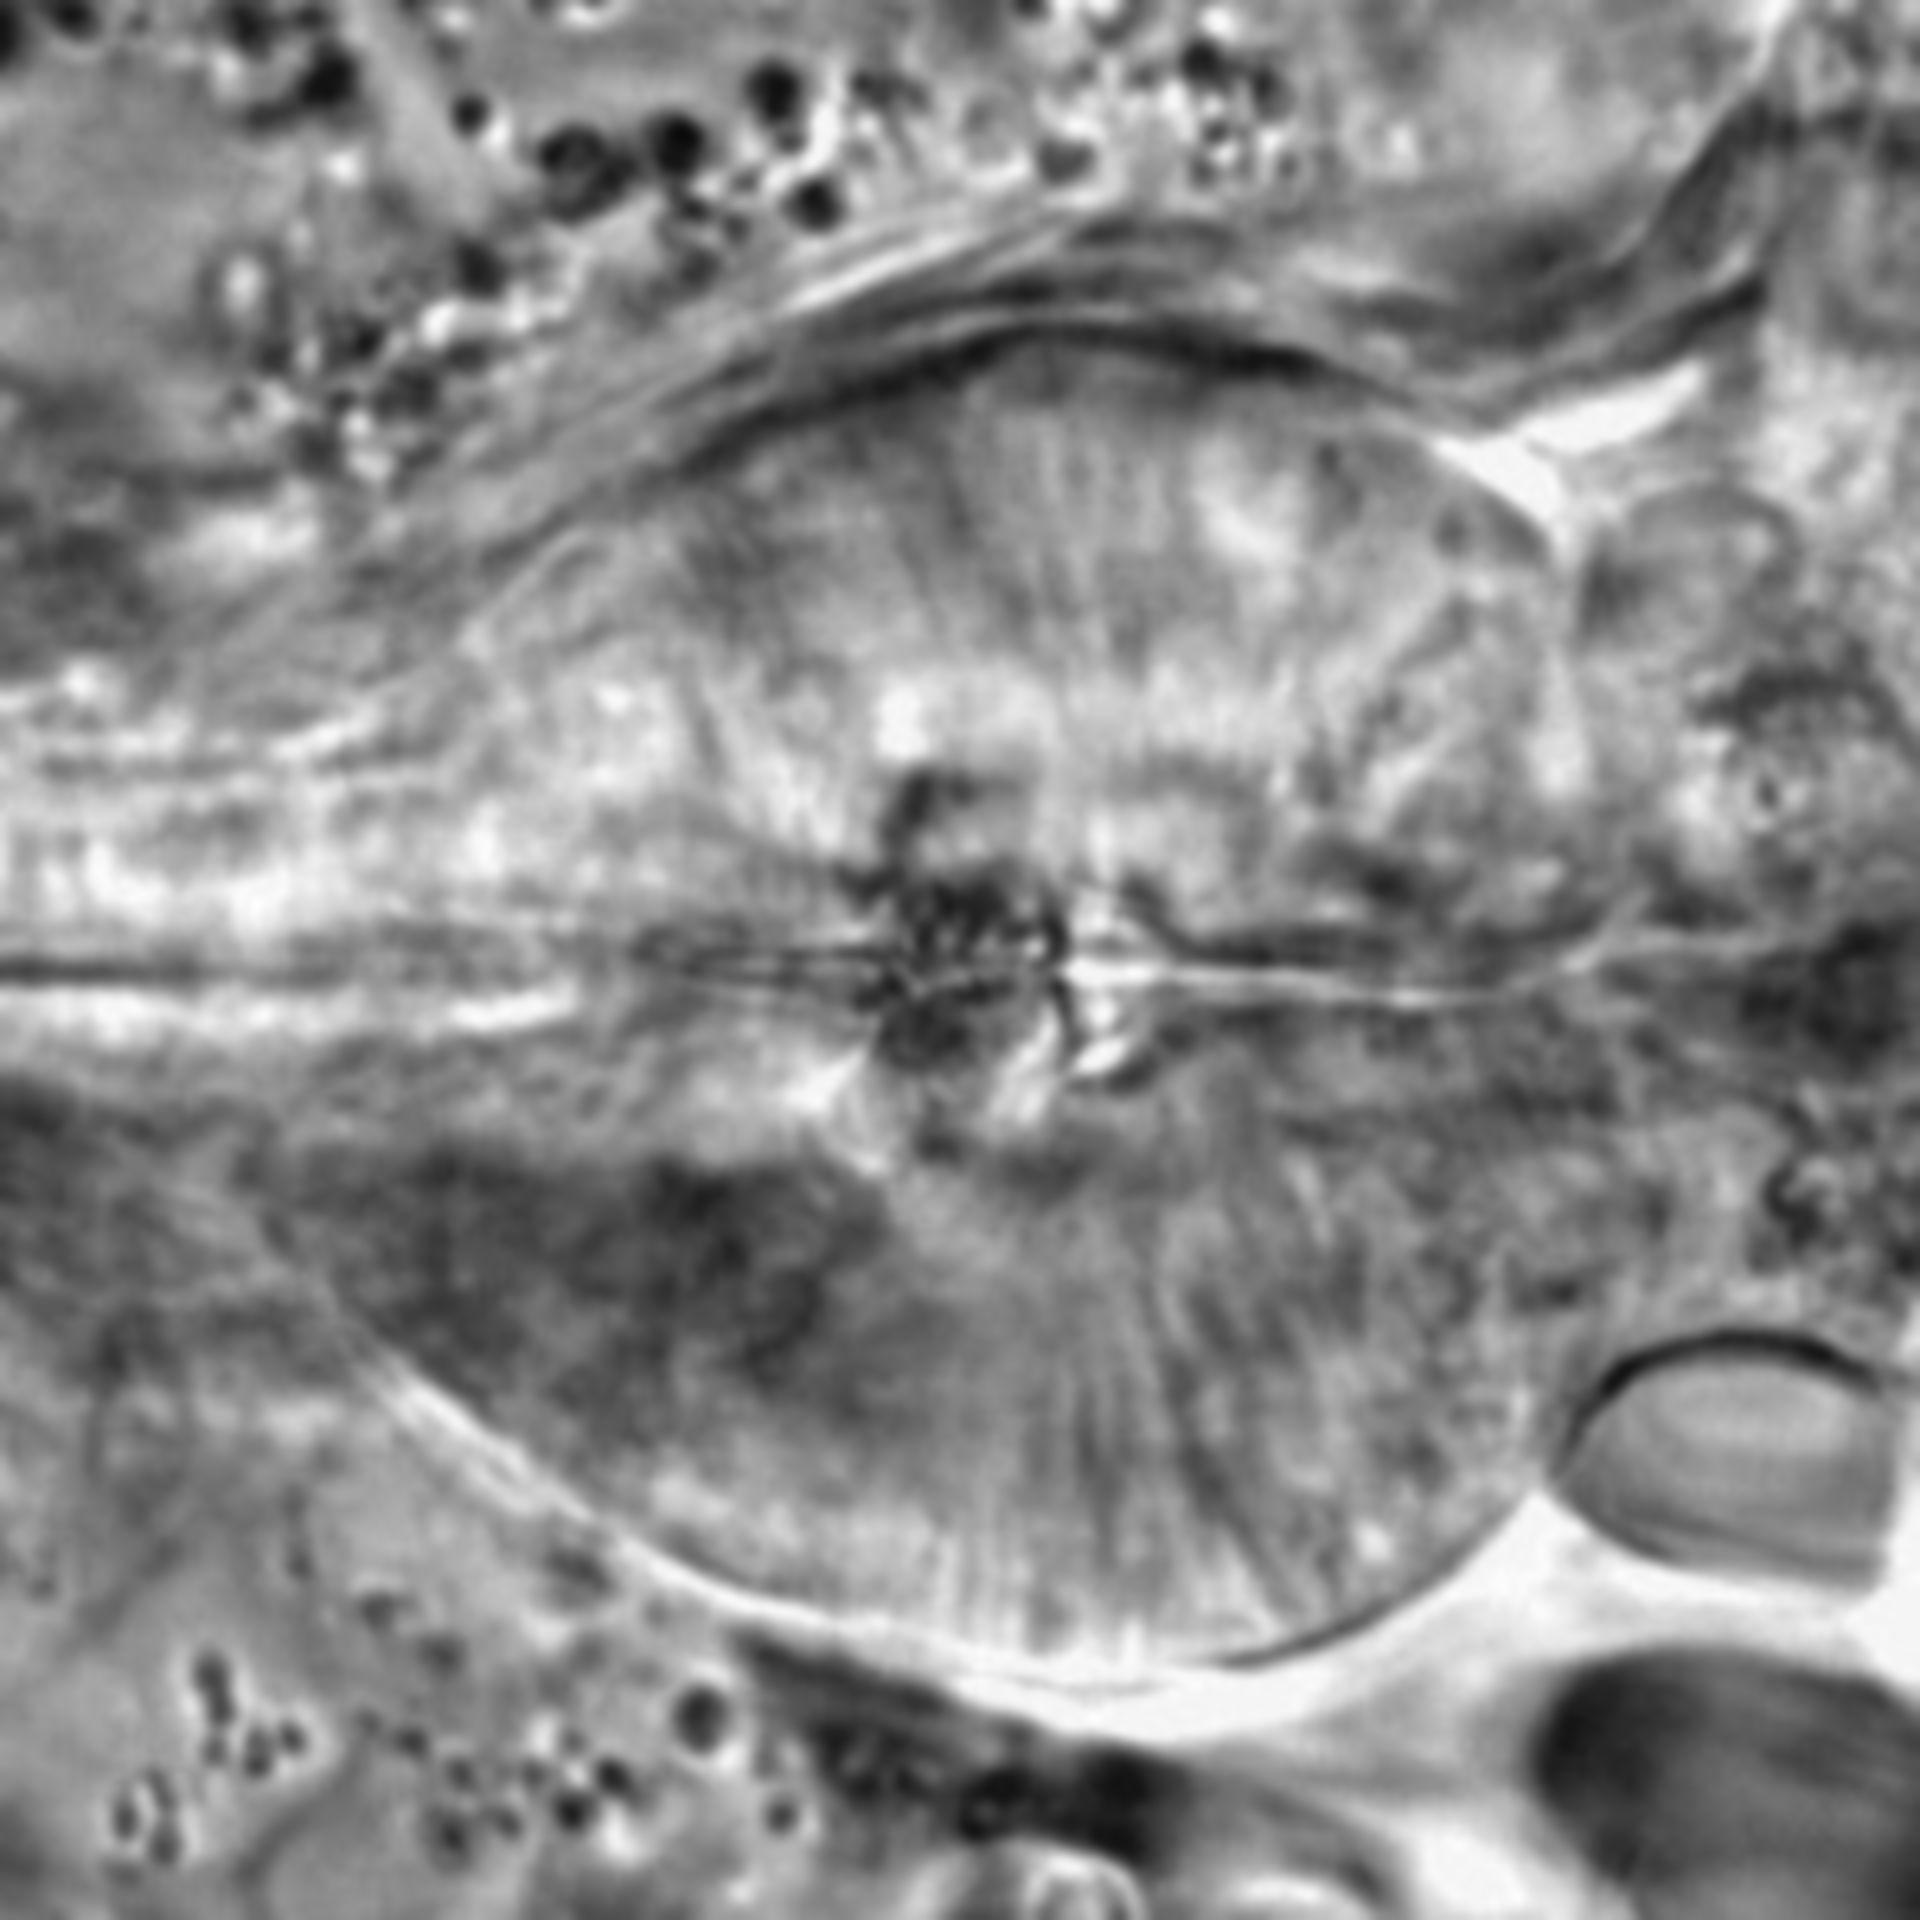 Caenorhabditis elegans - CIL:1709